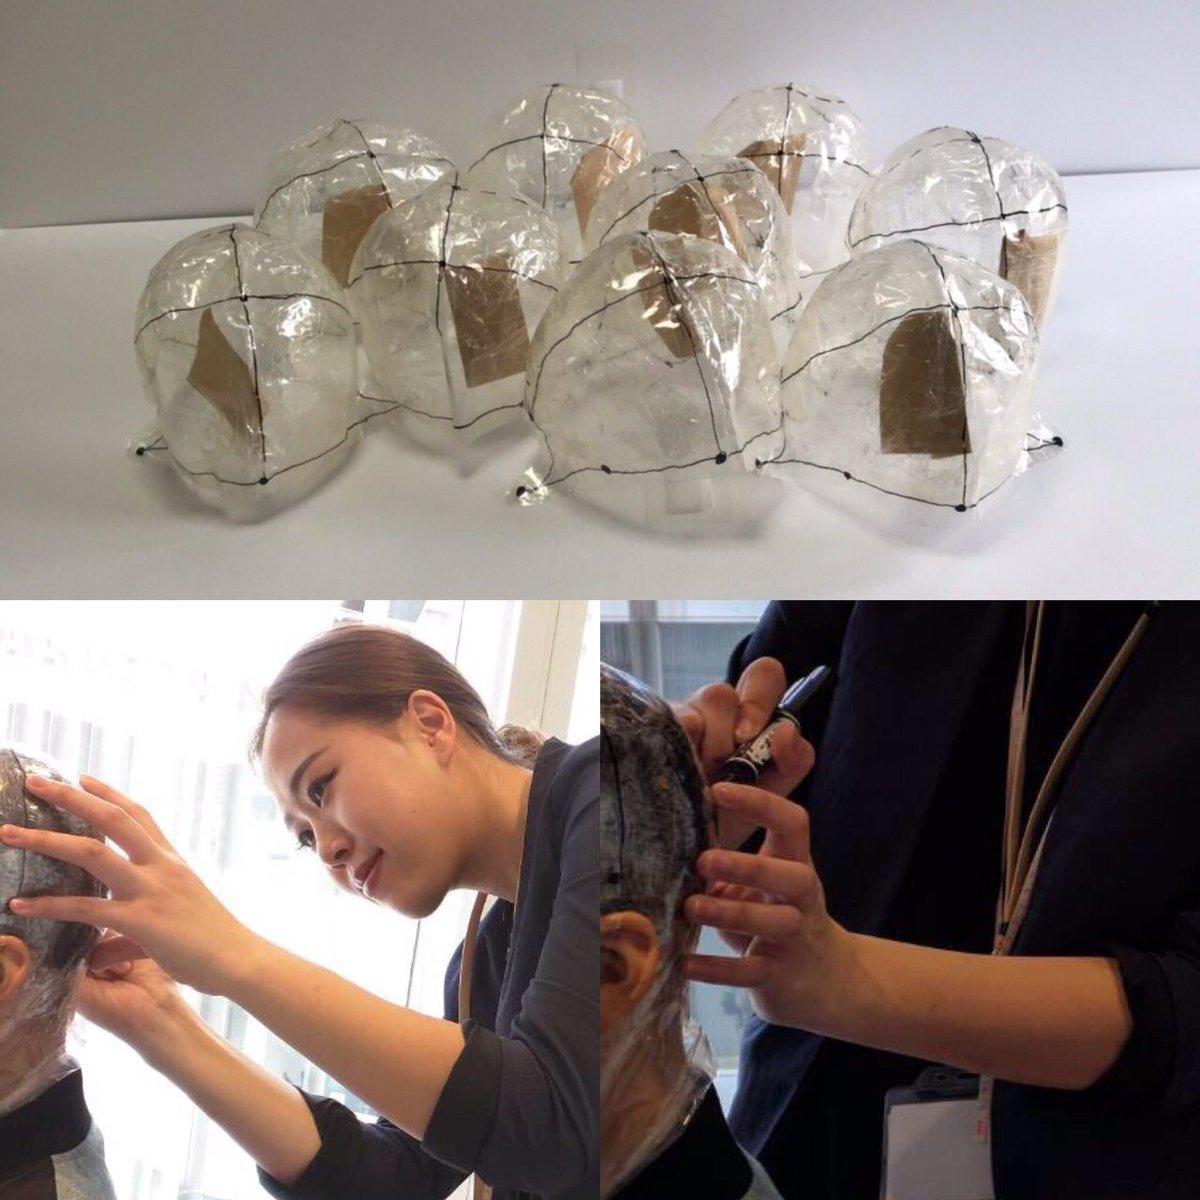 【活動報告】 3月31日、東京都で4〜18歳(抗がん剤による脱毛・脱毛・乏毛)の男女9名に、ウィッグを作る為の頭の型取り「メジャーメント」を行いました。この後、ヘアドネーションによってお寄せ頂いた毛髪を使用した、JIS規格の医療ウィッグの製作が始まります?#ヘアドネーション #医療用ウィッグ